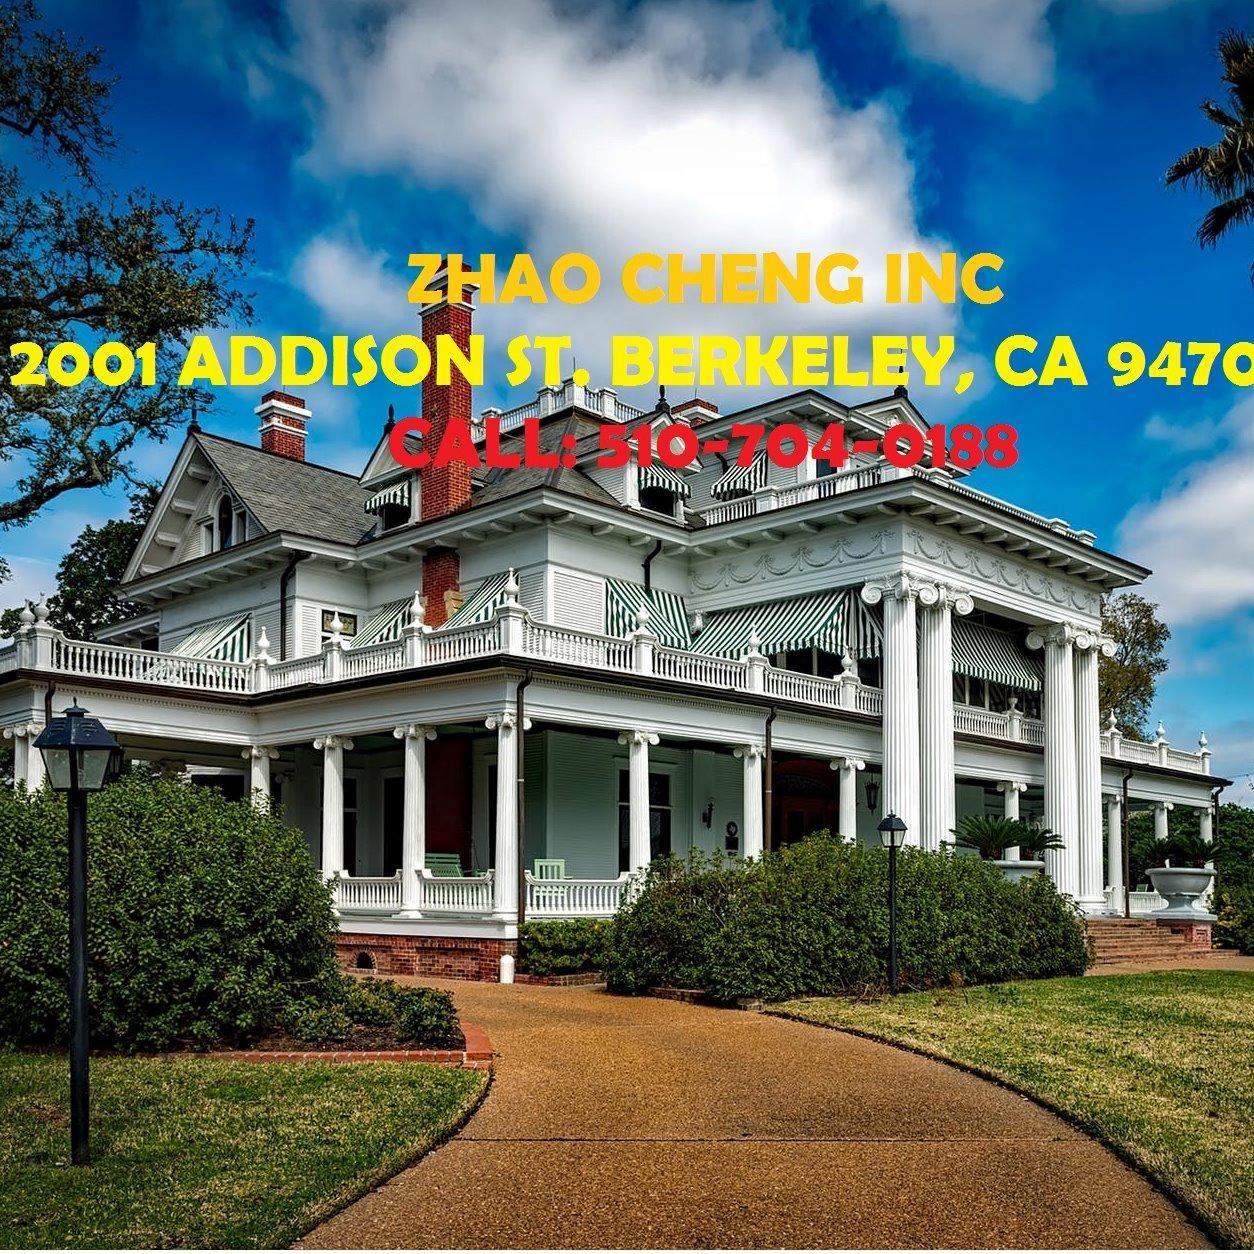 ZHAO CHENG INC